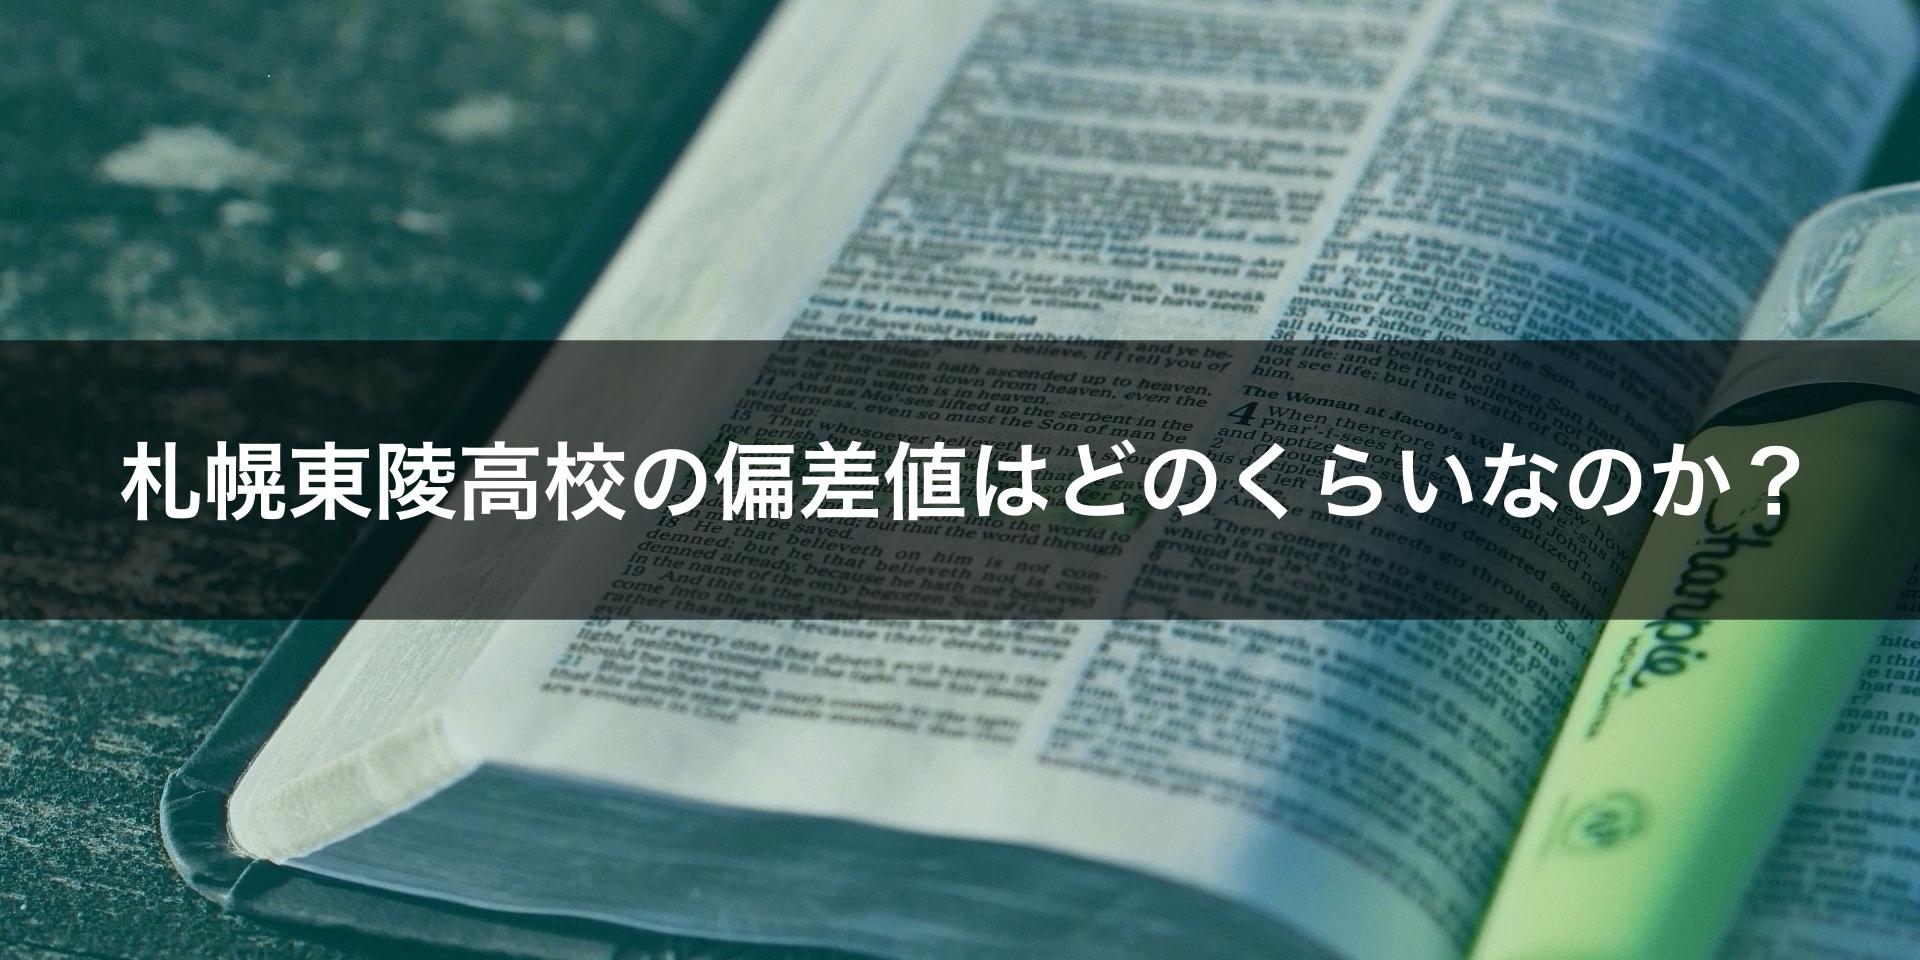 札幌東陵高校の偏差値はどのくらいなのか?